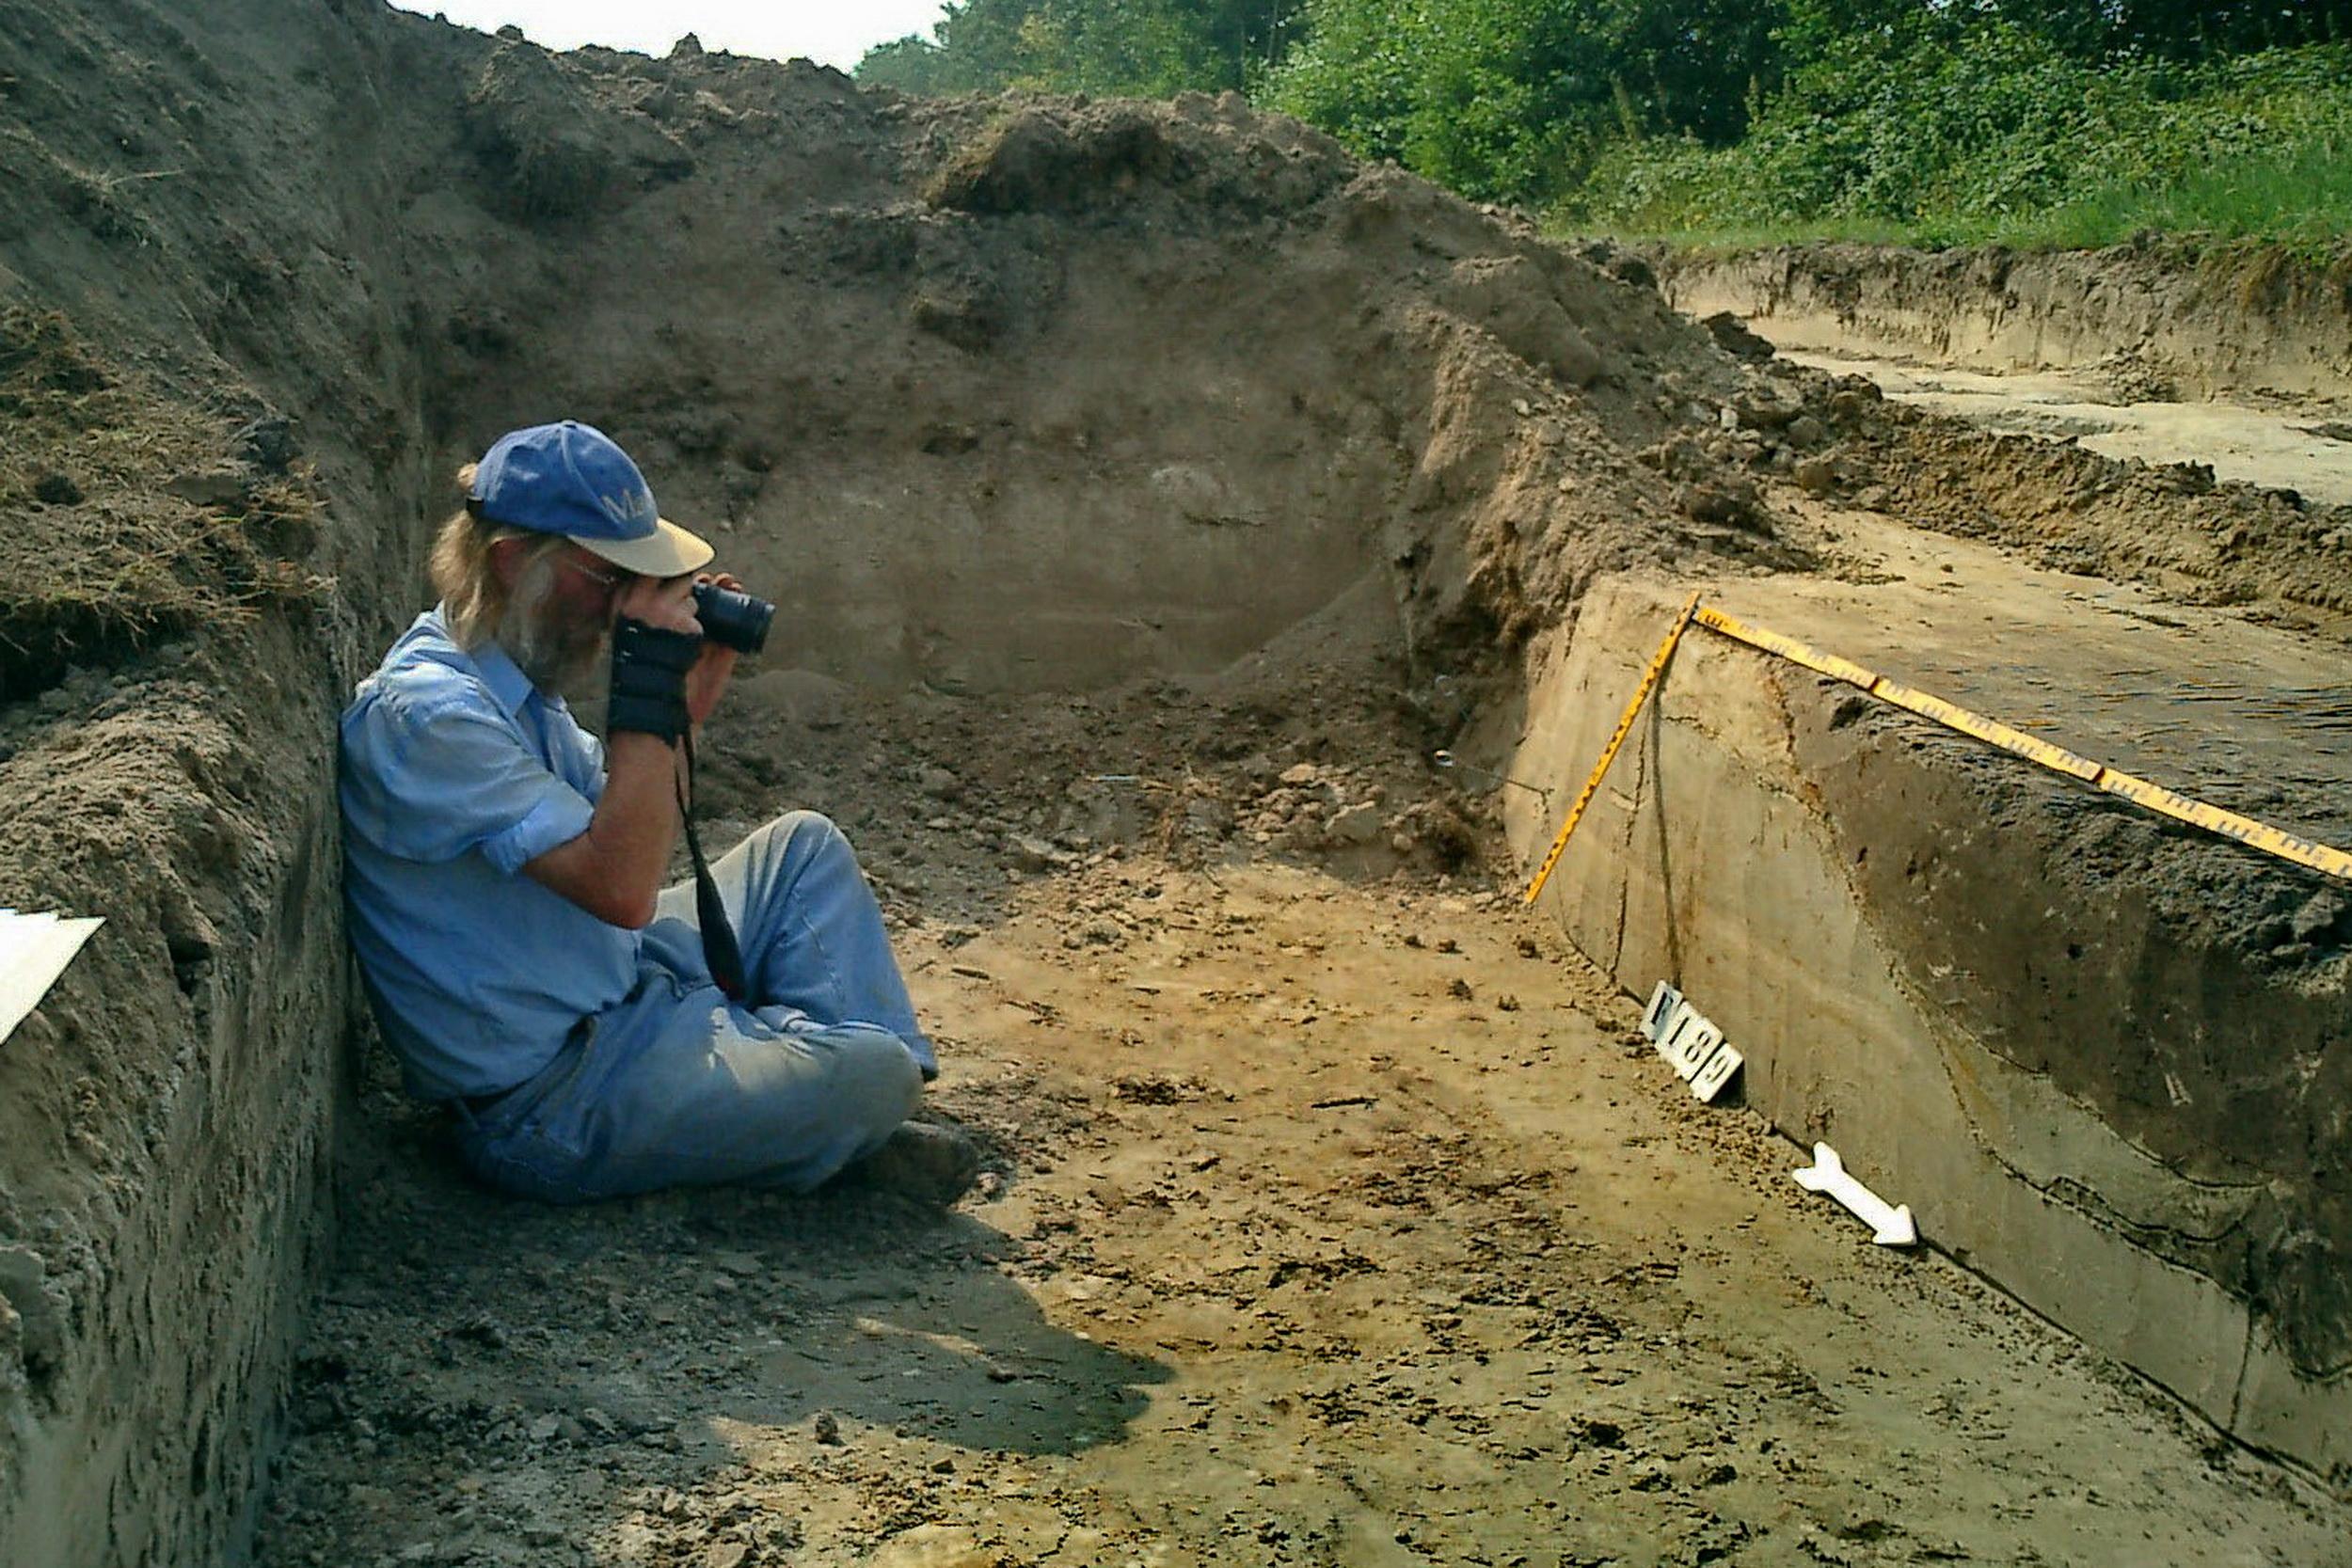 Opgraving Wieken Vinkenhoef - Het fotograferen van een spoor